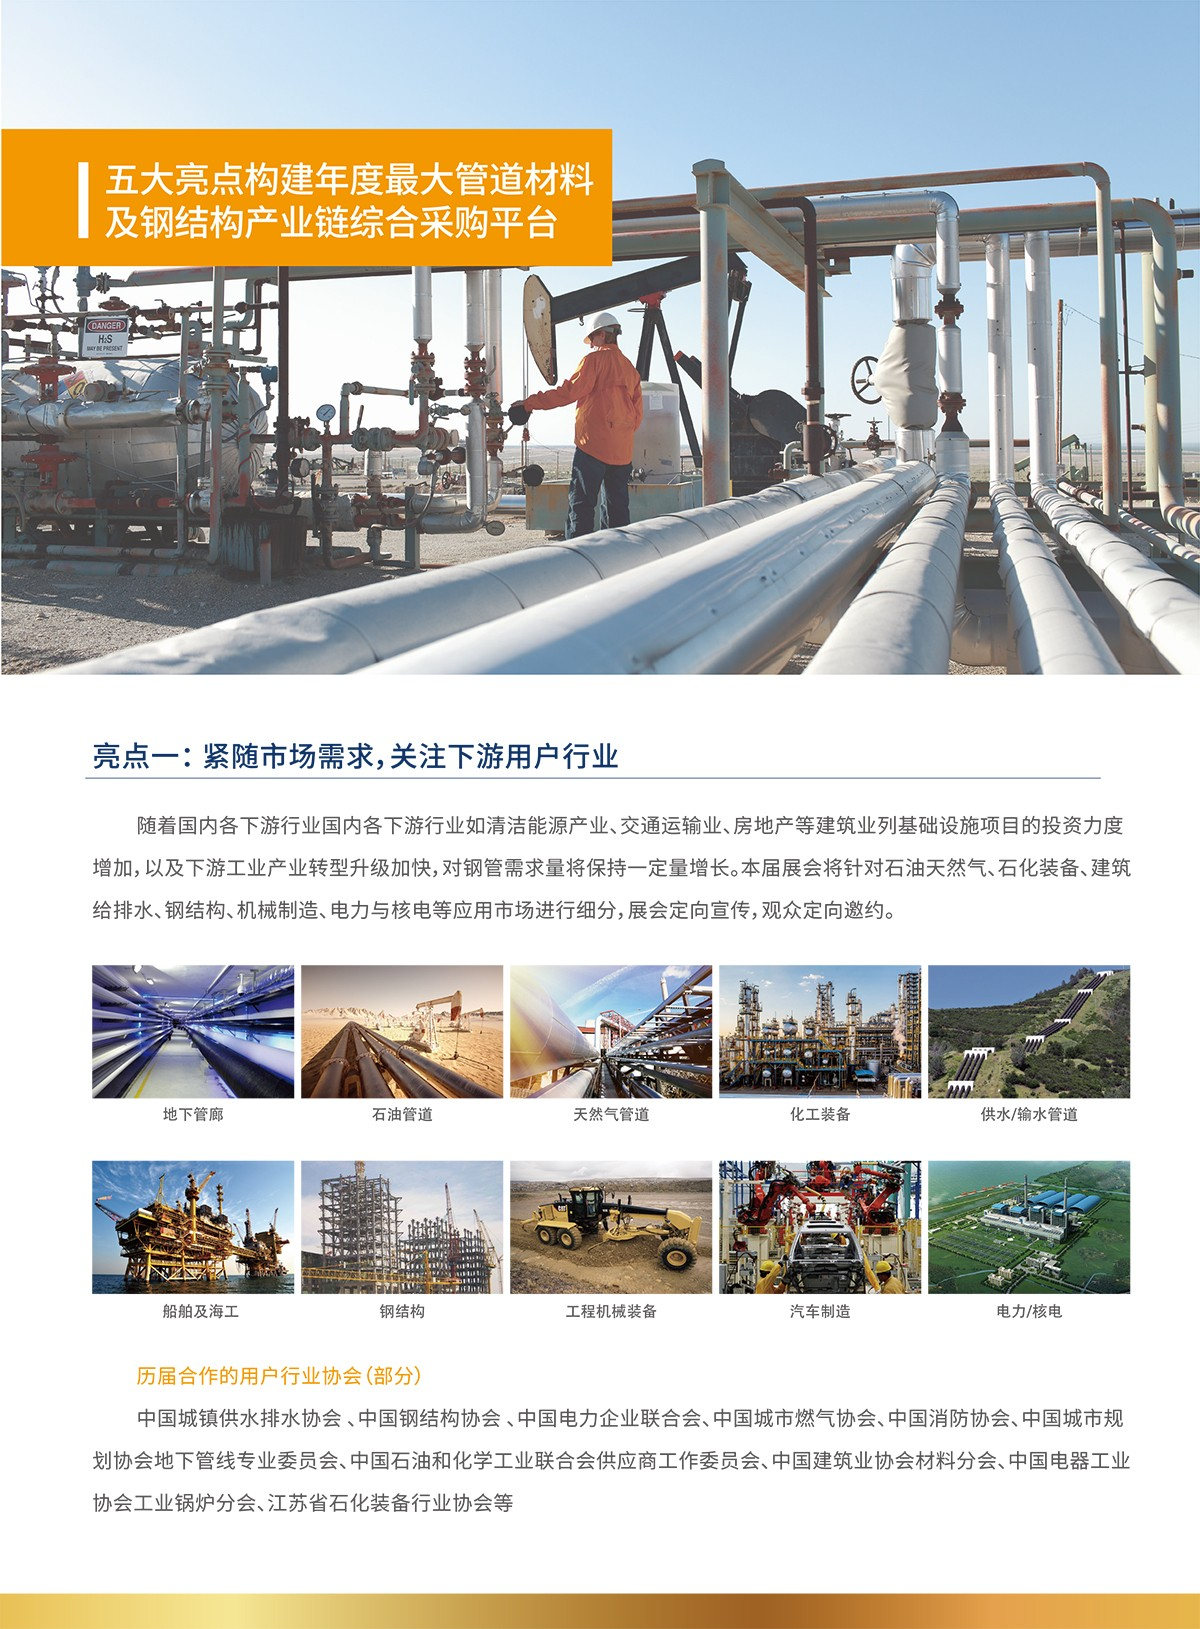 1_2021上海国际钢管工业展览会-4.jpg